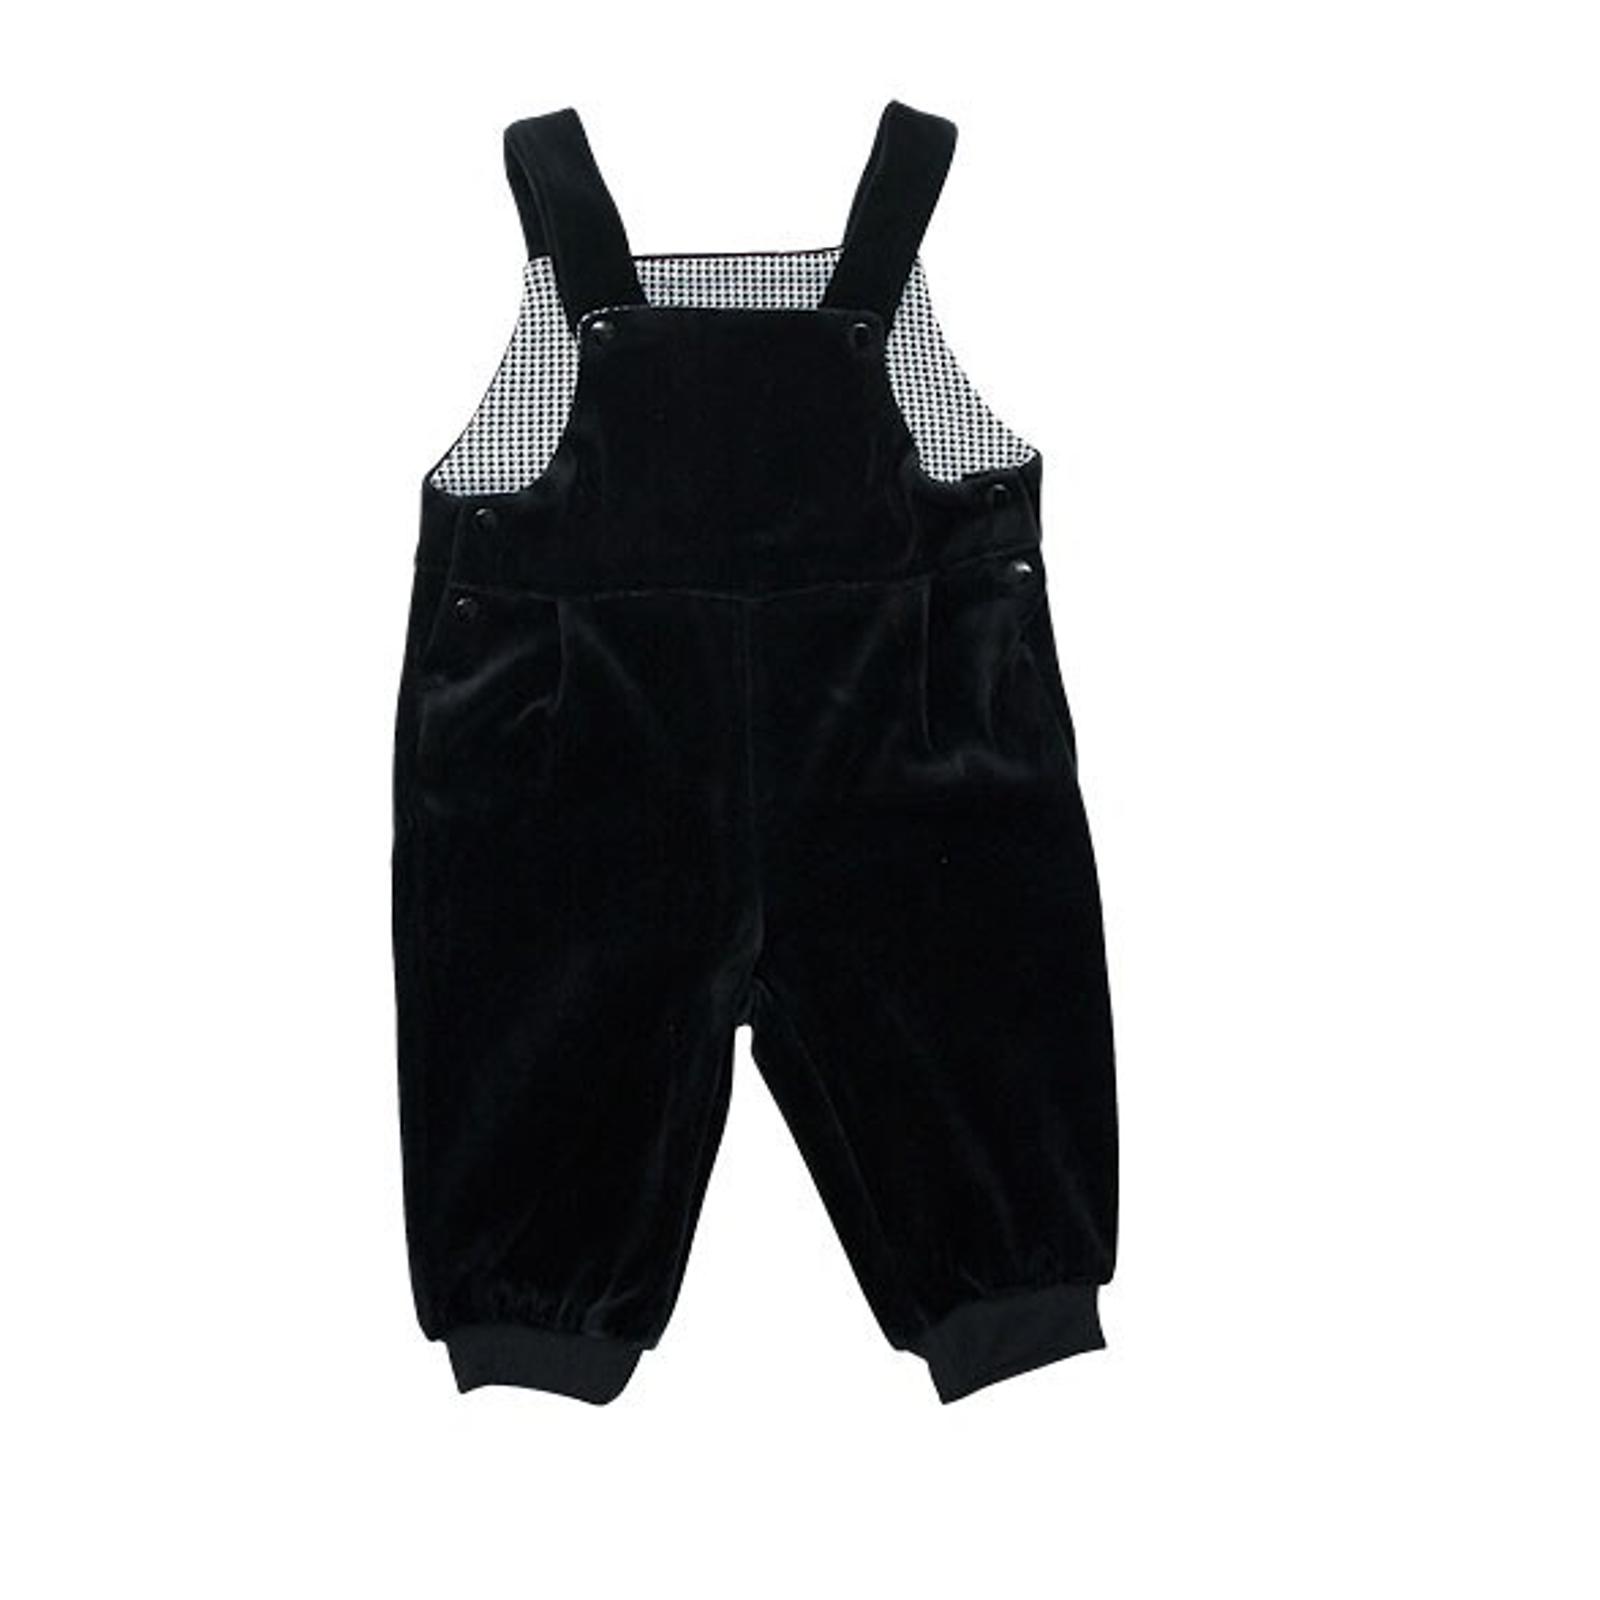 Полукомбинезон велюровый Soni Kids Cони Кидс Денди для мальчика, цвет черный размер 80